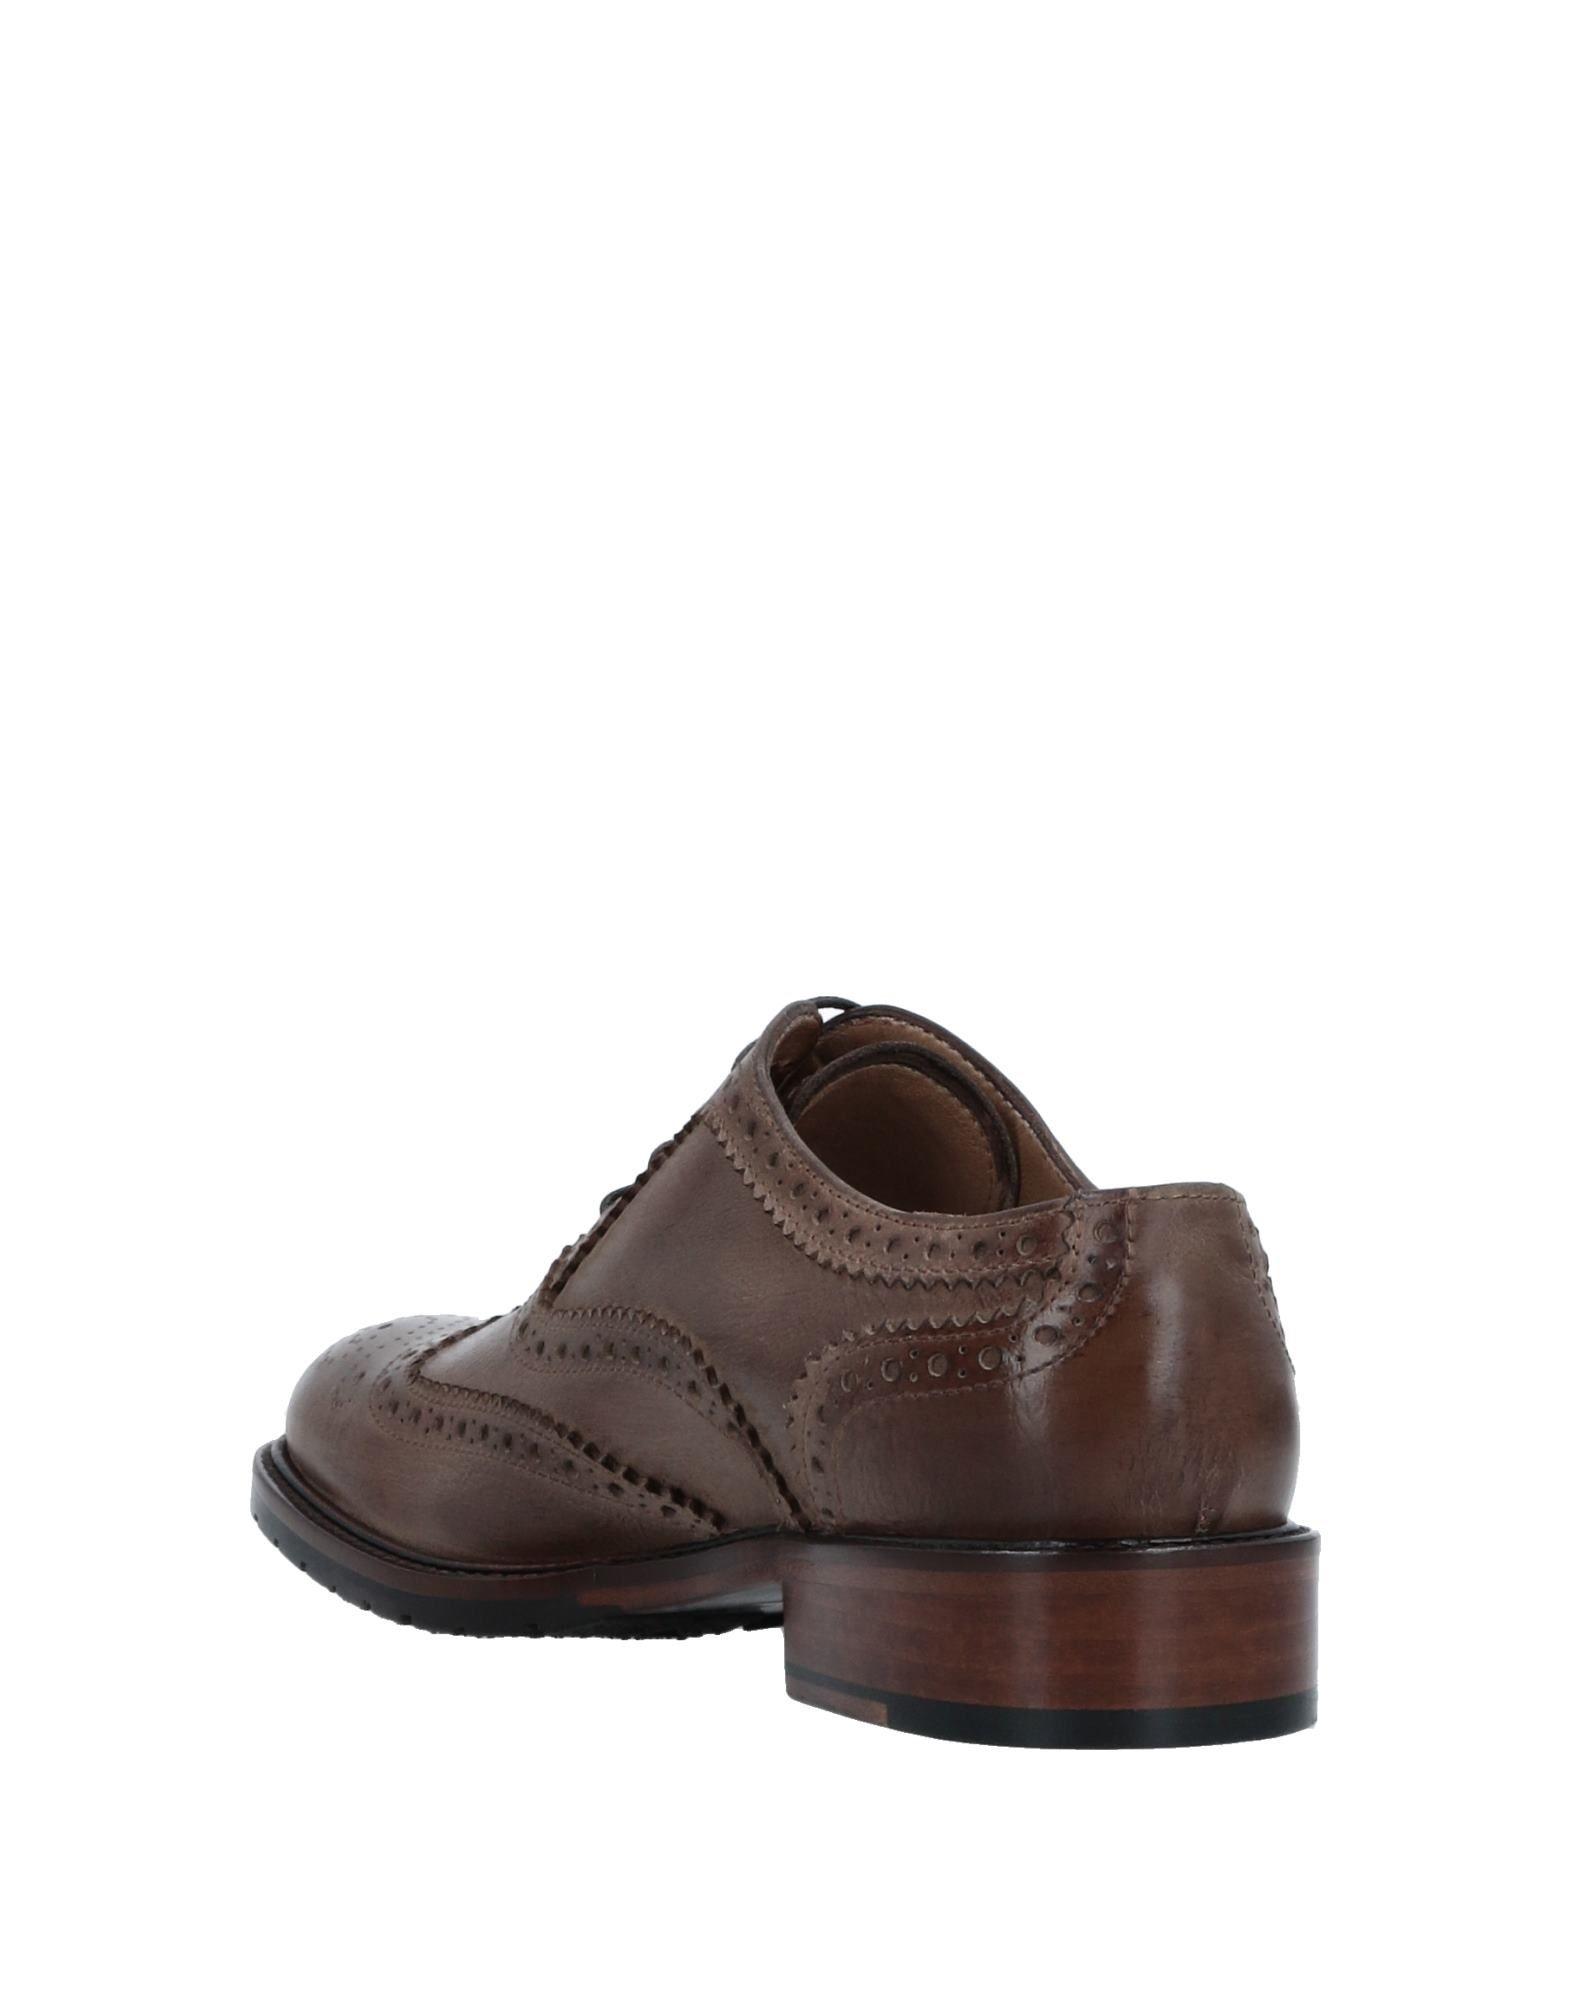 Stefano Branchini Schnürschuhe Damen  11521744HIGut 11521744HIGut  aussehende strapazierfähige Schuhe cbbc93